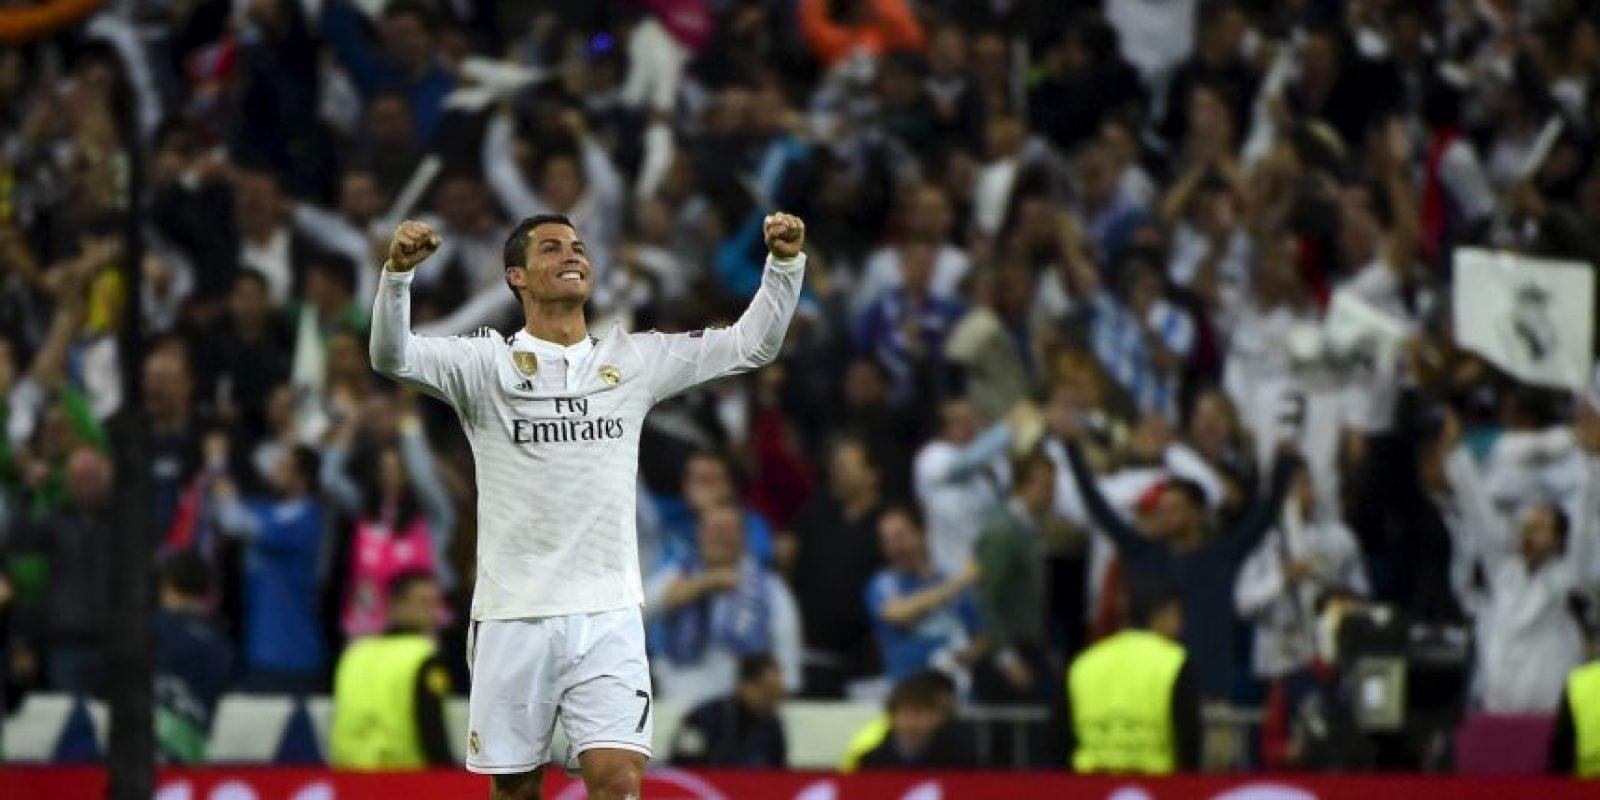 Zarra, segundo goleador de la Liga tiene 251 goles, y está a 25 de que Cristiano lo alcance. Tomando en cuenta que el portugués marca más de 30 goles por temporada, se ve probable que consiga este récord en este año. El máximo goleador, Lionel Messi, tiene 285 dianas. Foto:Getty Images